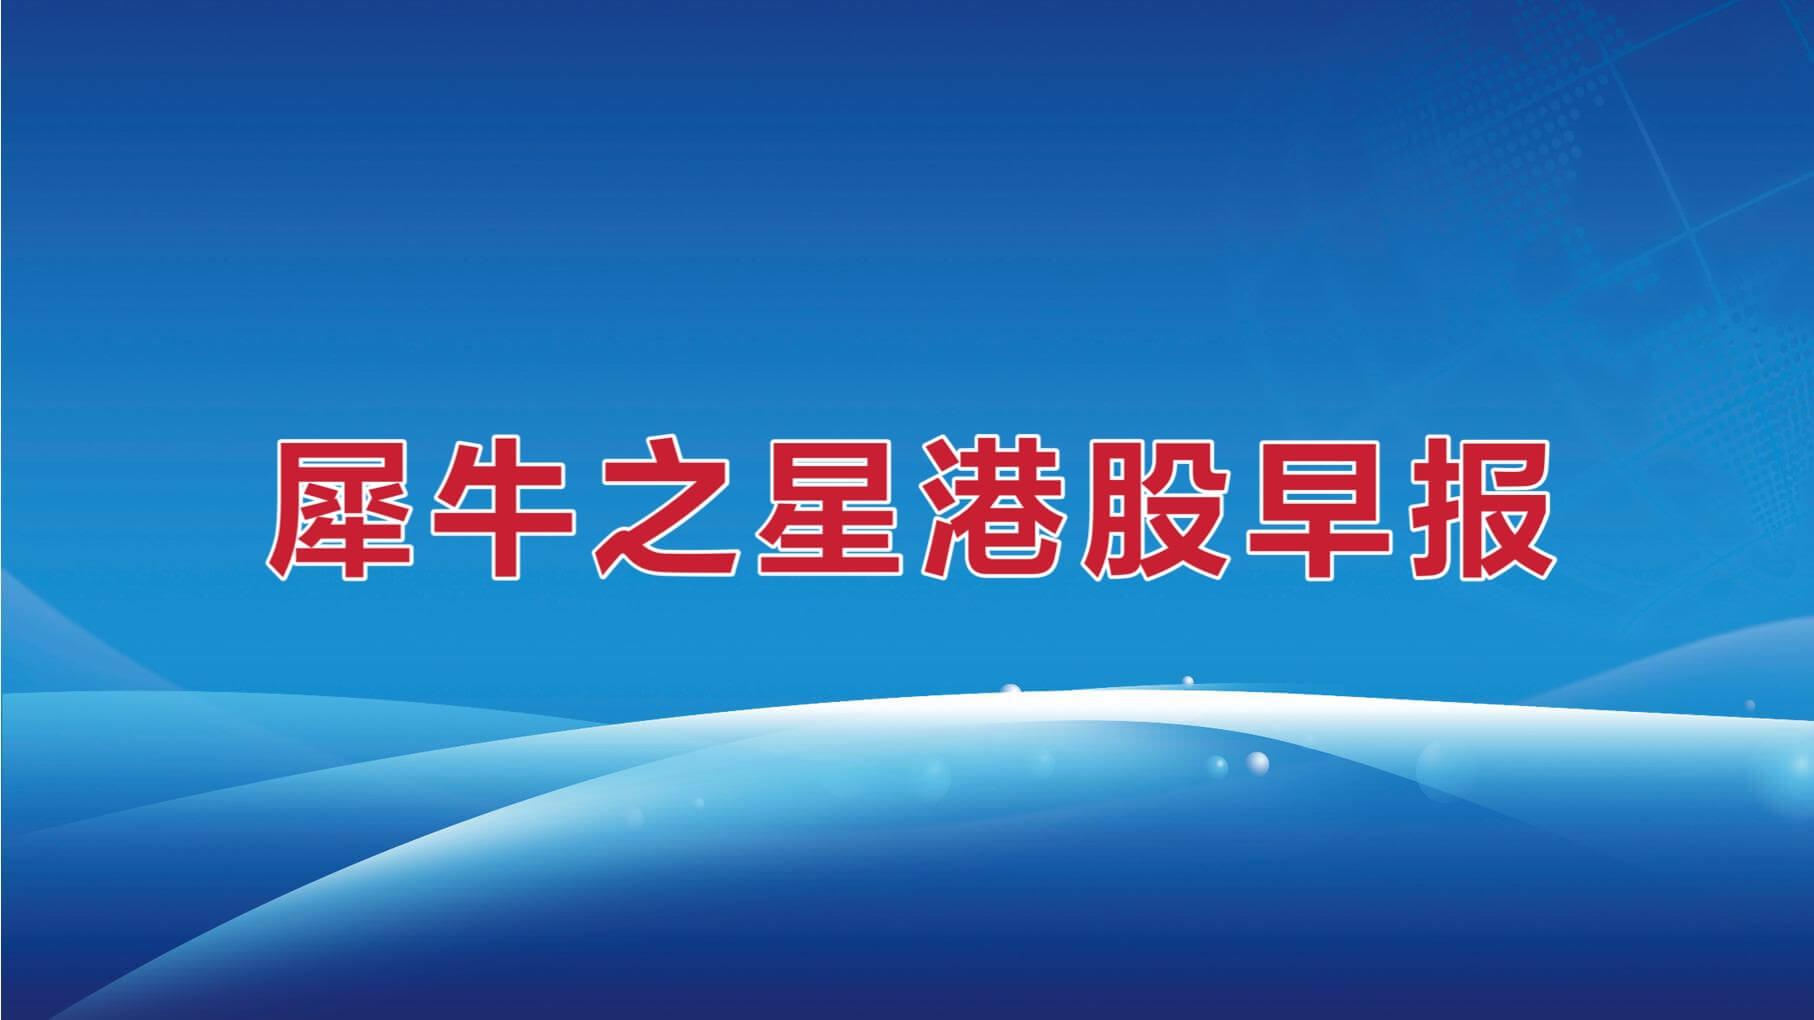 【犀牛之星港股早报】立白旗下朝云集团公开发售获超购172倍 中国铁塔净利增23%至64亿元